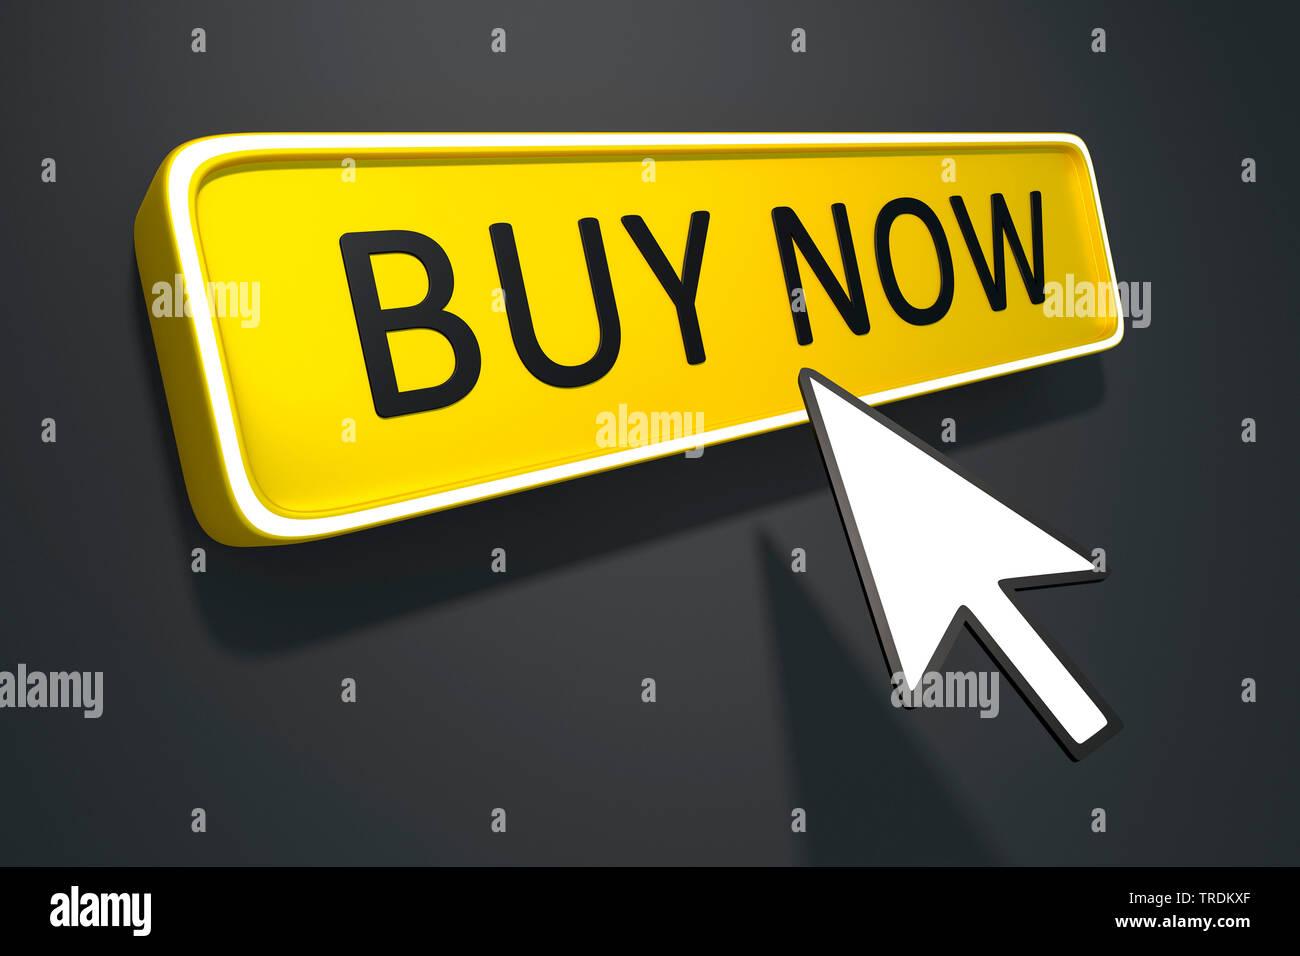 3D-Computergrafik, dreidimensionales Schild in blauer Farbe mit Aufschrift BUY NOW (Jetzt kaufen) | 3D computer graphic, three-dimensional sign in blu - Stock Image